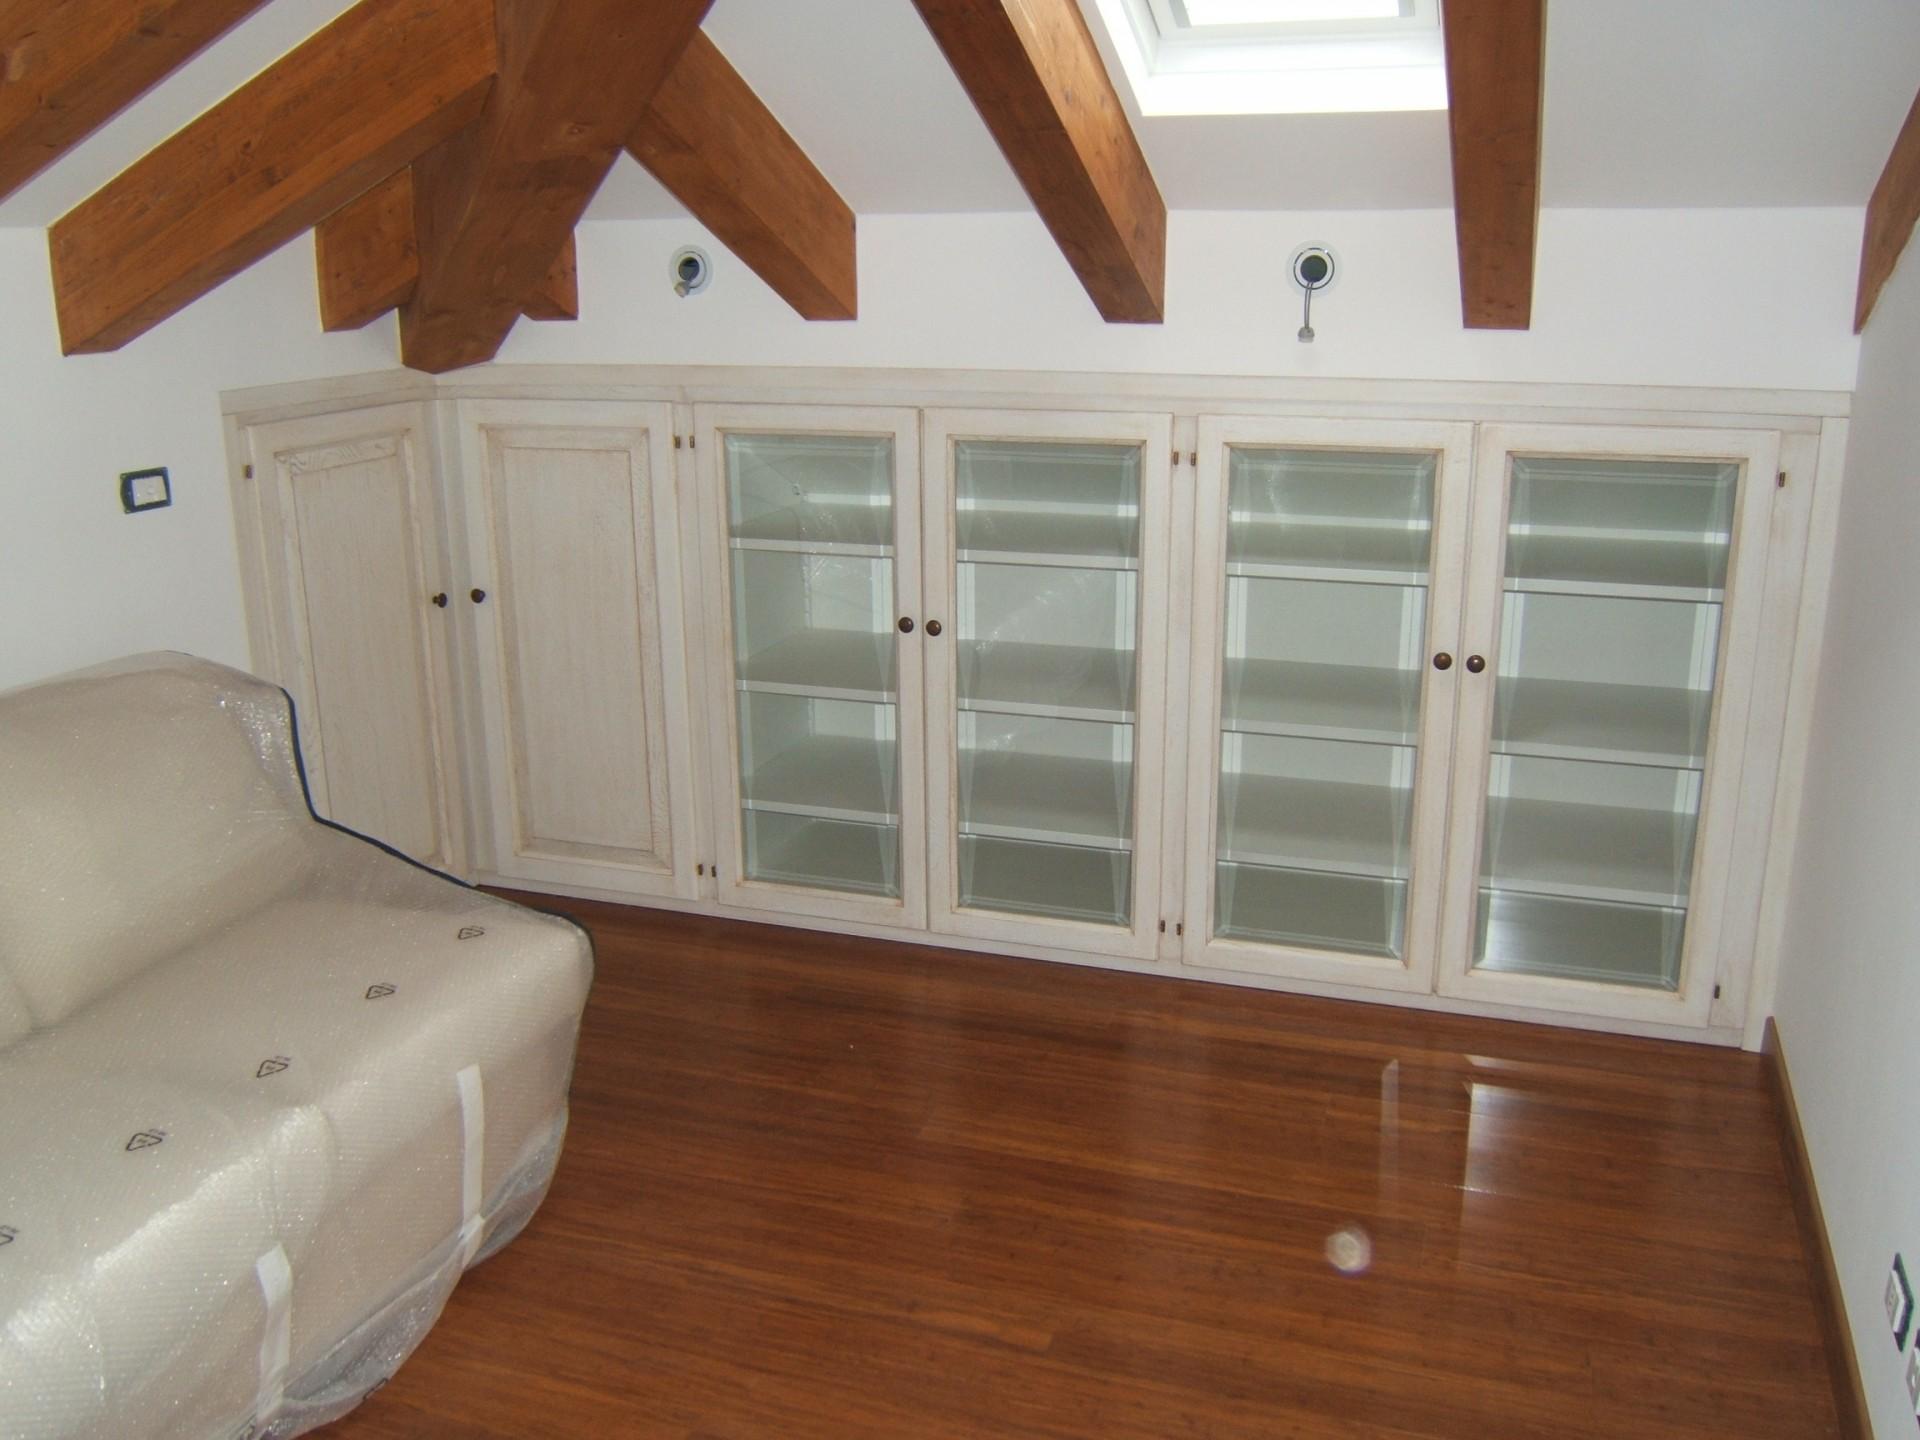 Progettazione arredamenti su misura fadini mobili cerea for Arredamento per sottotetto